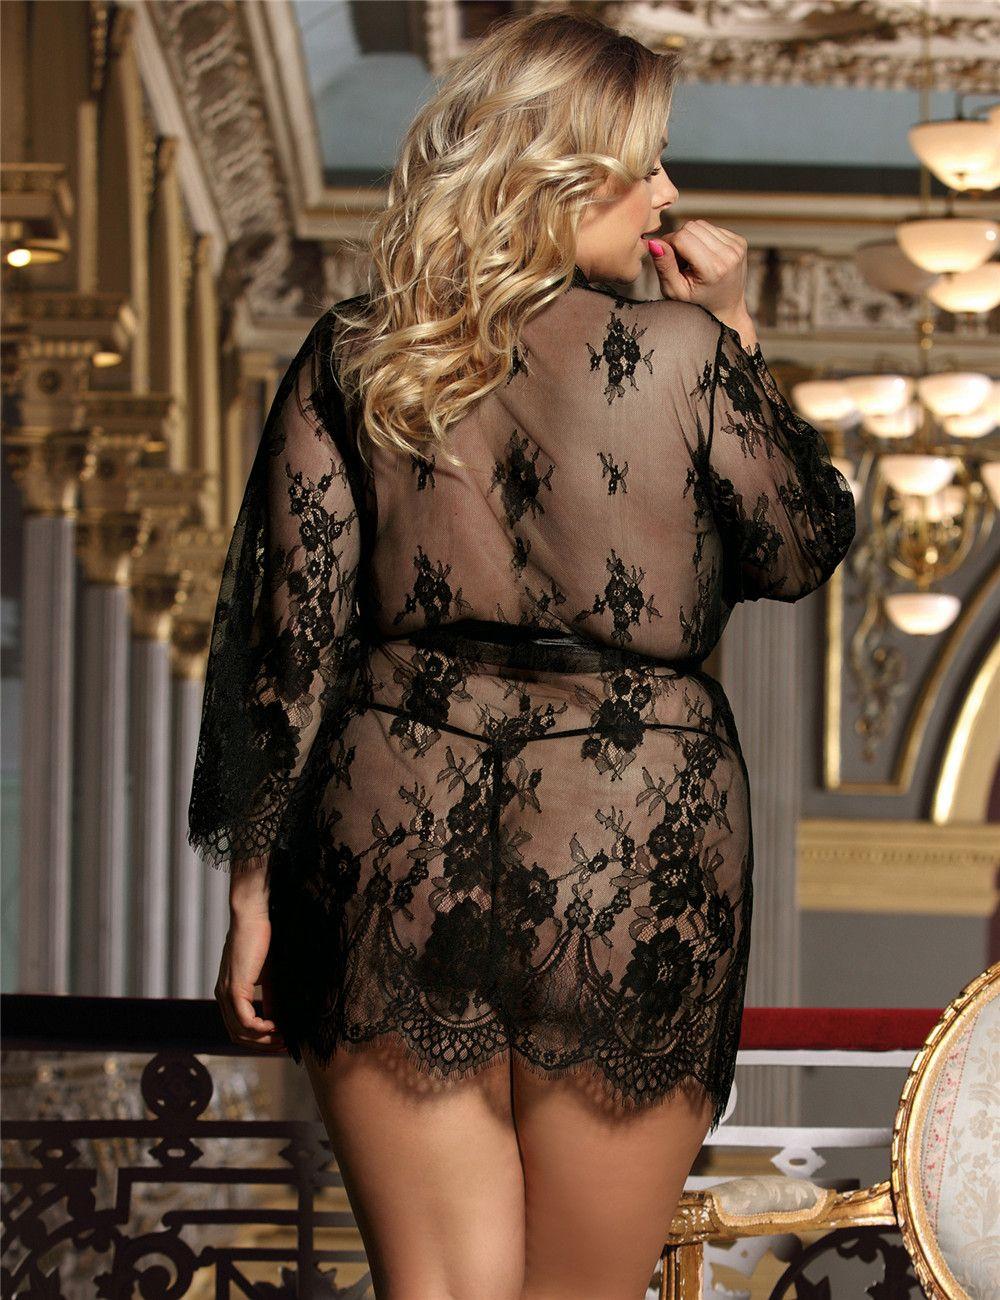 Plus Size Lingerie Sexy Robe Sleepwear (Black) - XL  3XL  5XL ... 4af6a9c67